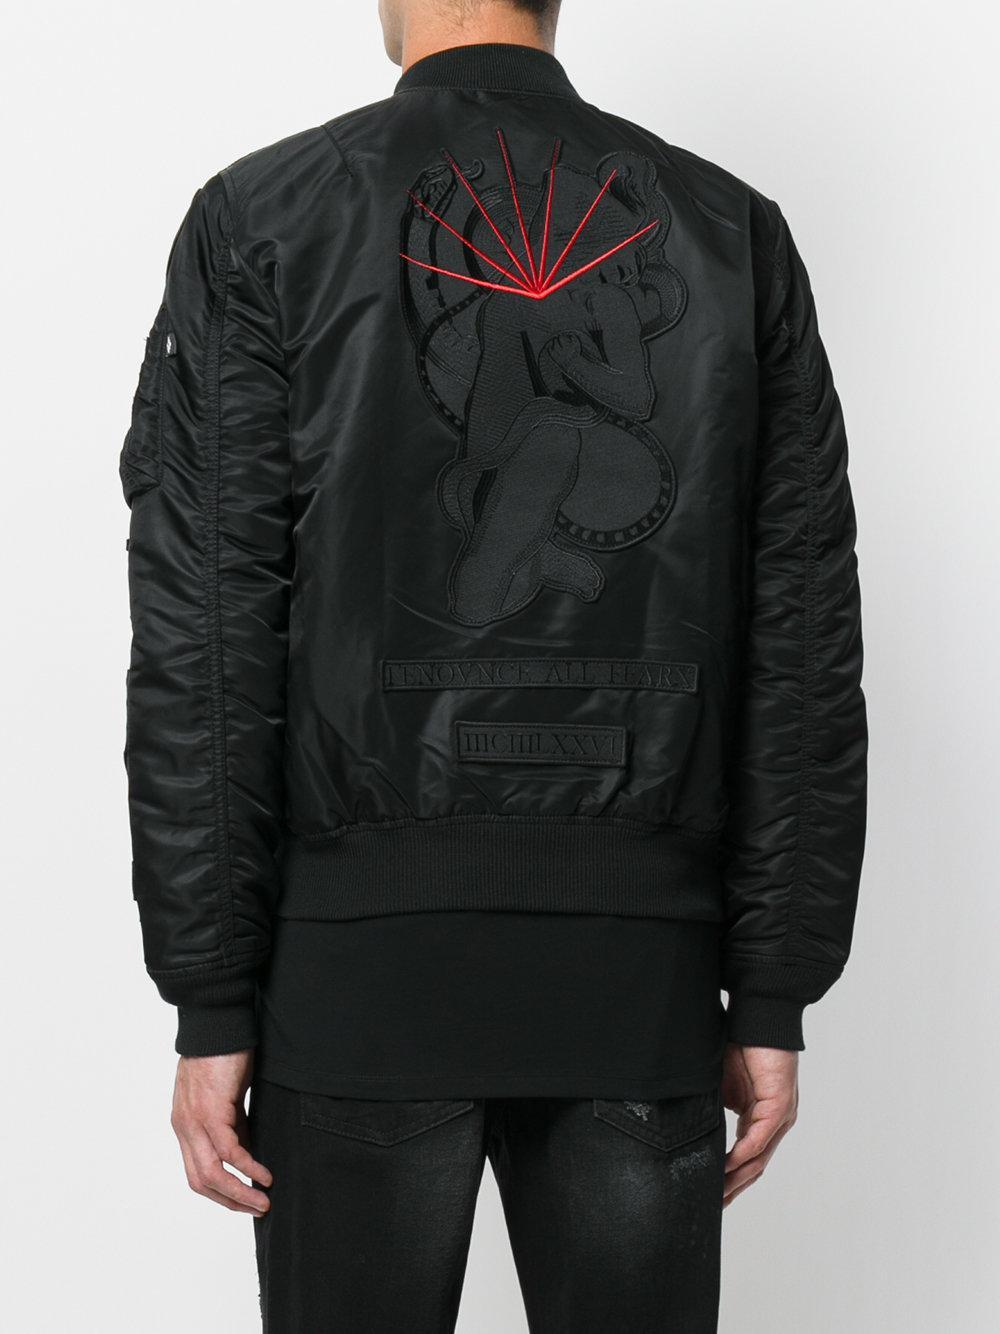 Marcelo Burlon Synthetic Rayen Alpha Ma-1 Jacket in Black for Men